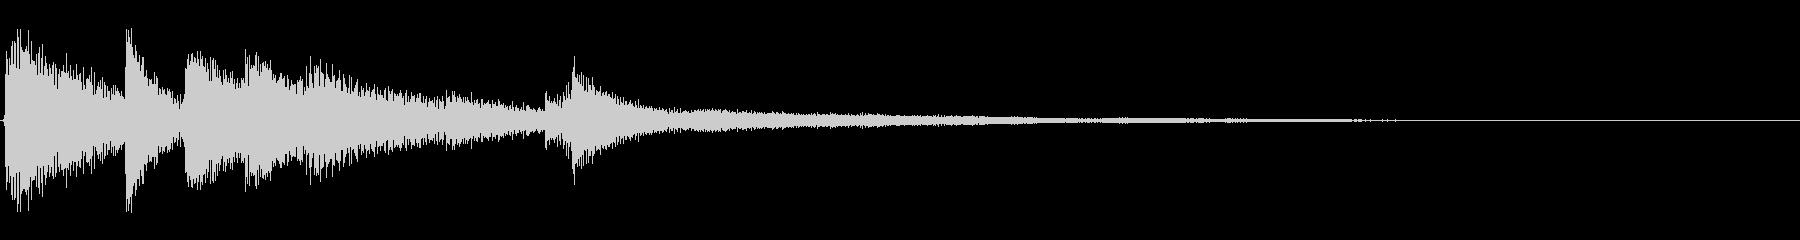 ピアノジングル03_bの未再生の波形